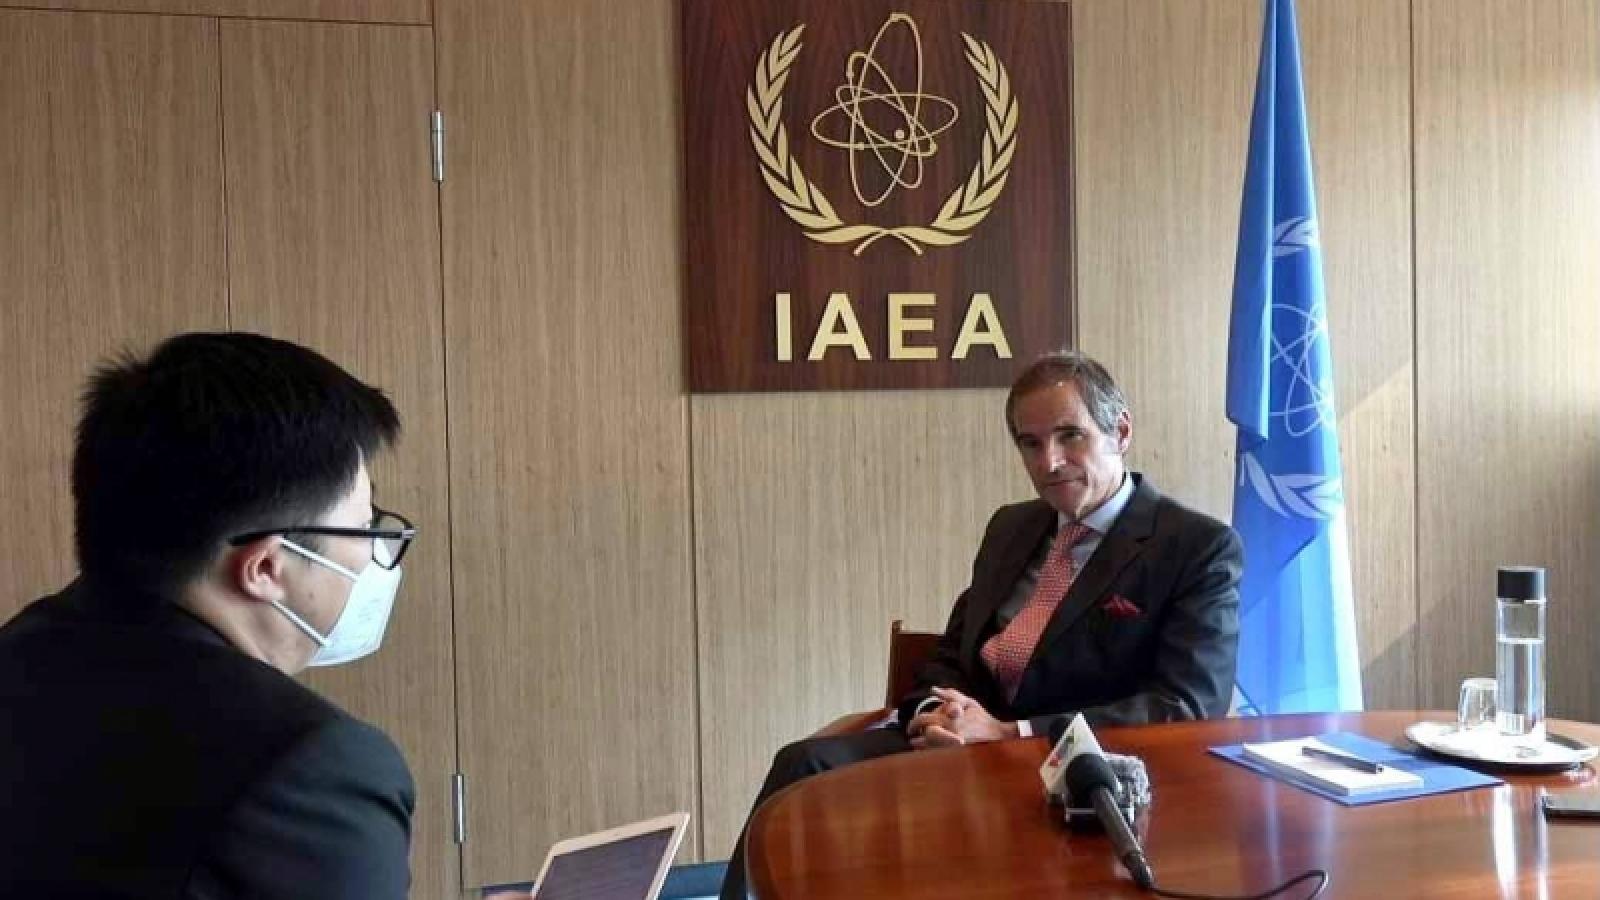 Việt Nam có vai trò quan trọng trong hoạch định chính sách của IAEA